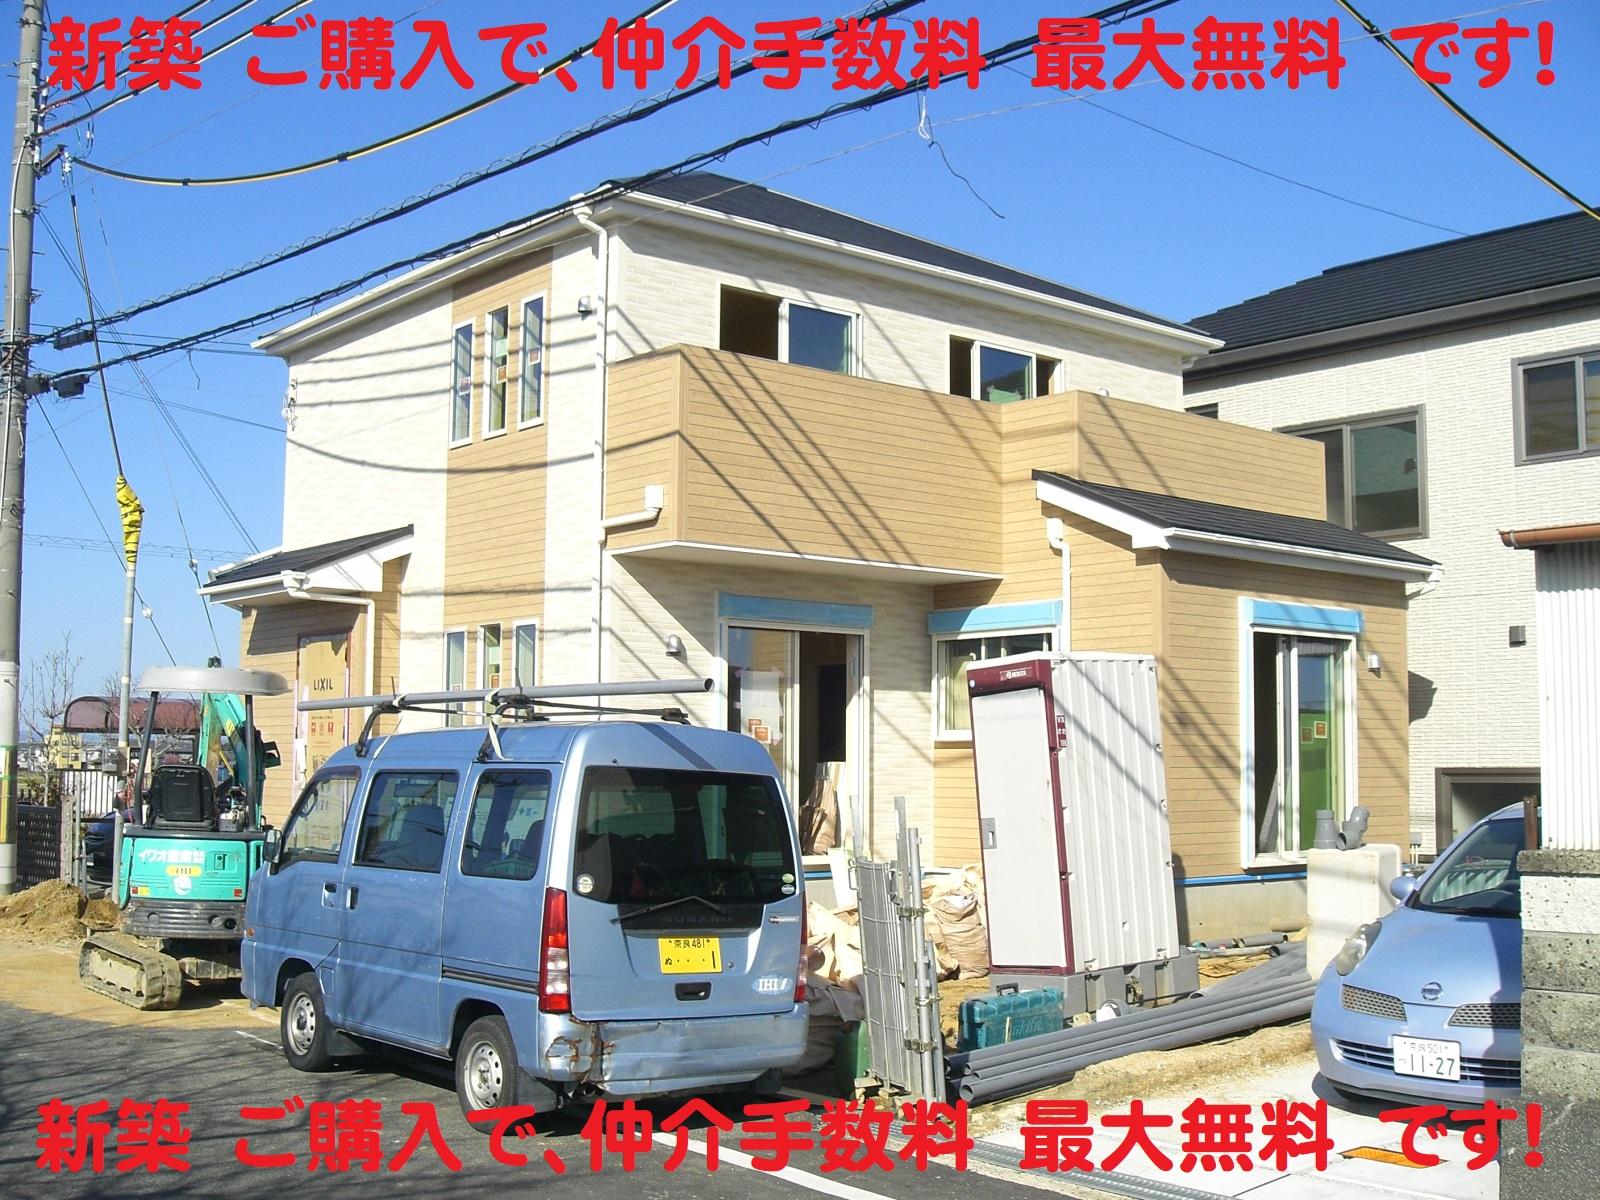 田原本町 八尾 新築 限定1棟 現地画像 好評分譲中